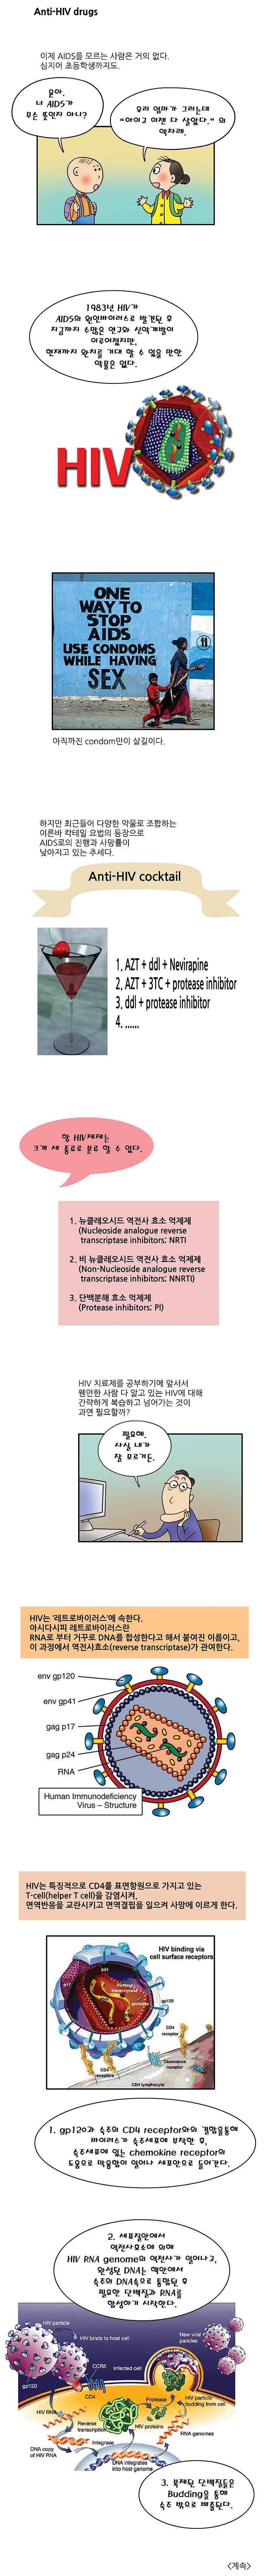 만화 항생제 항바이러스제 11-2 copy.jpg